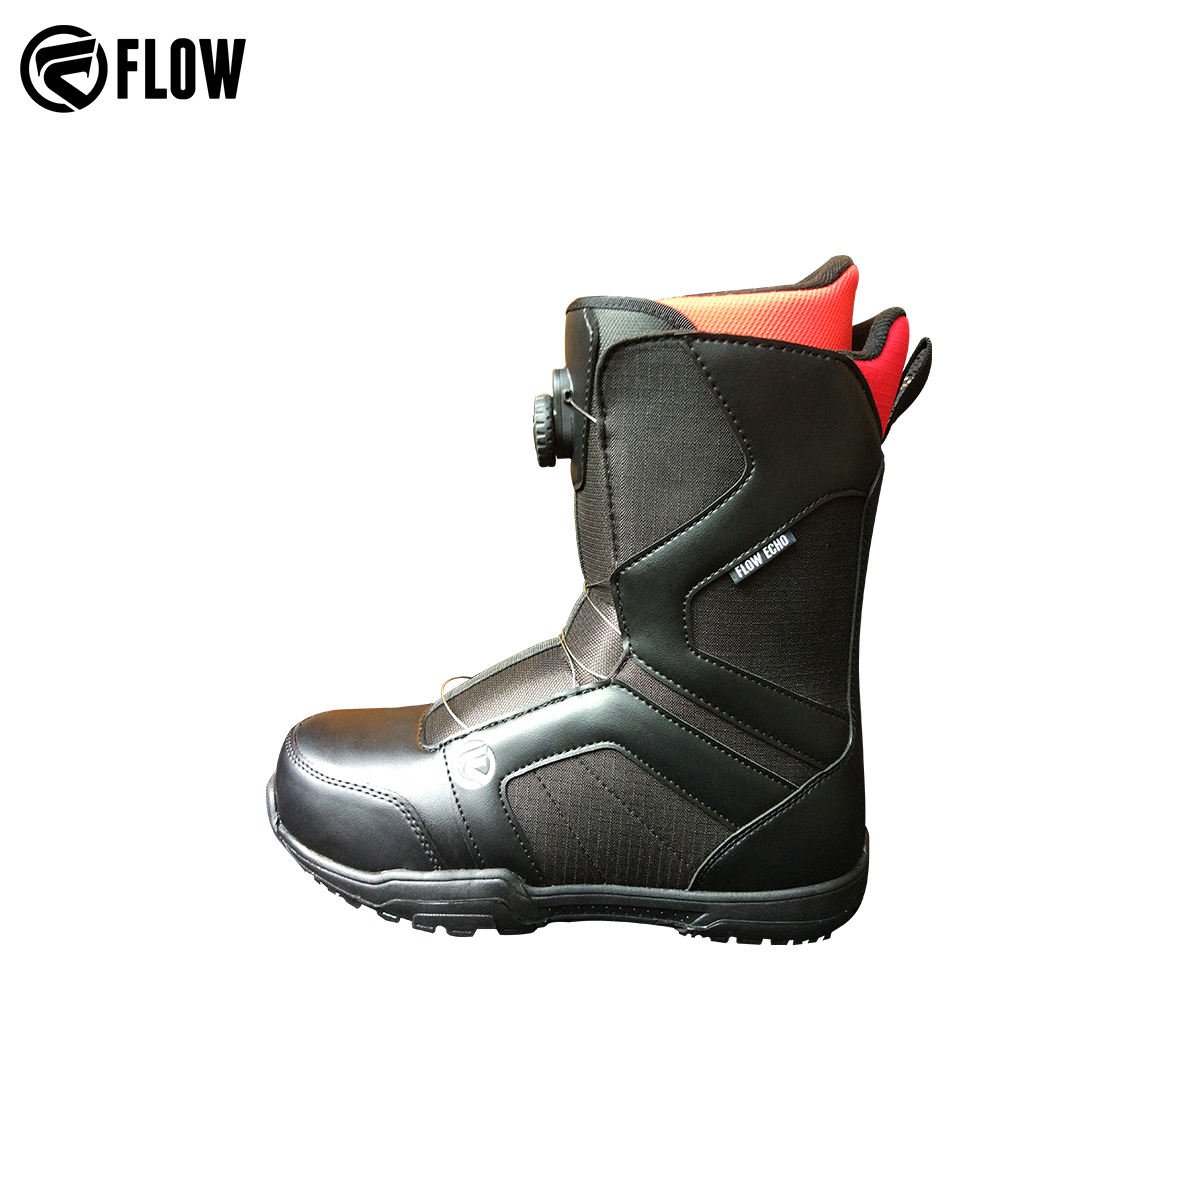 美国进口Flow单板滑雪单板鞋雪靴男款成人款1617ECHO BOA